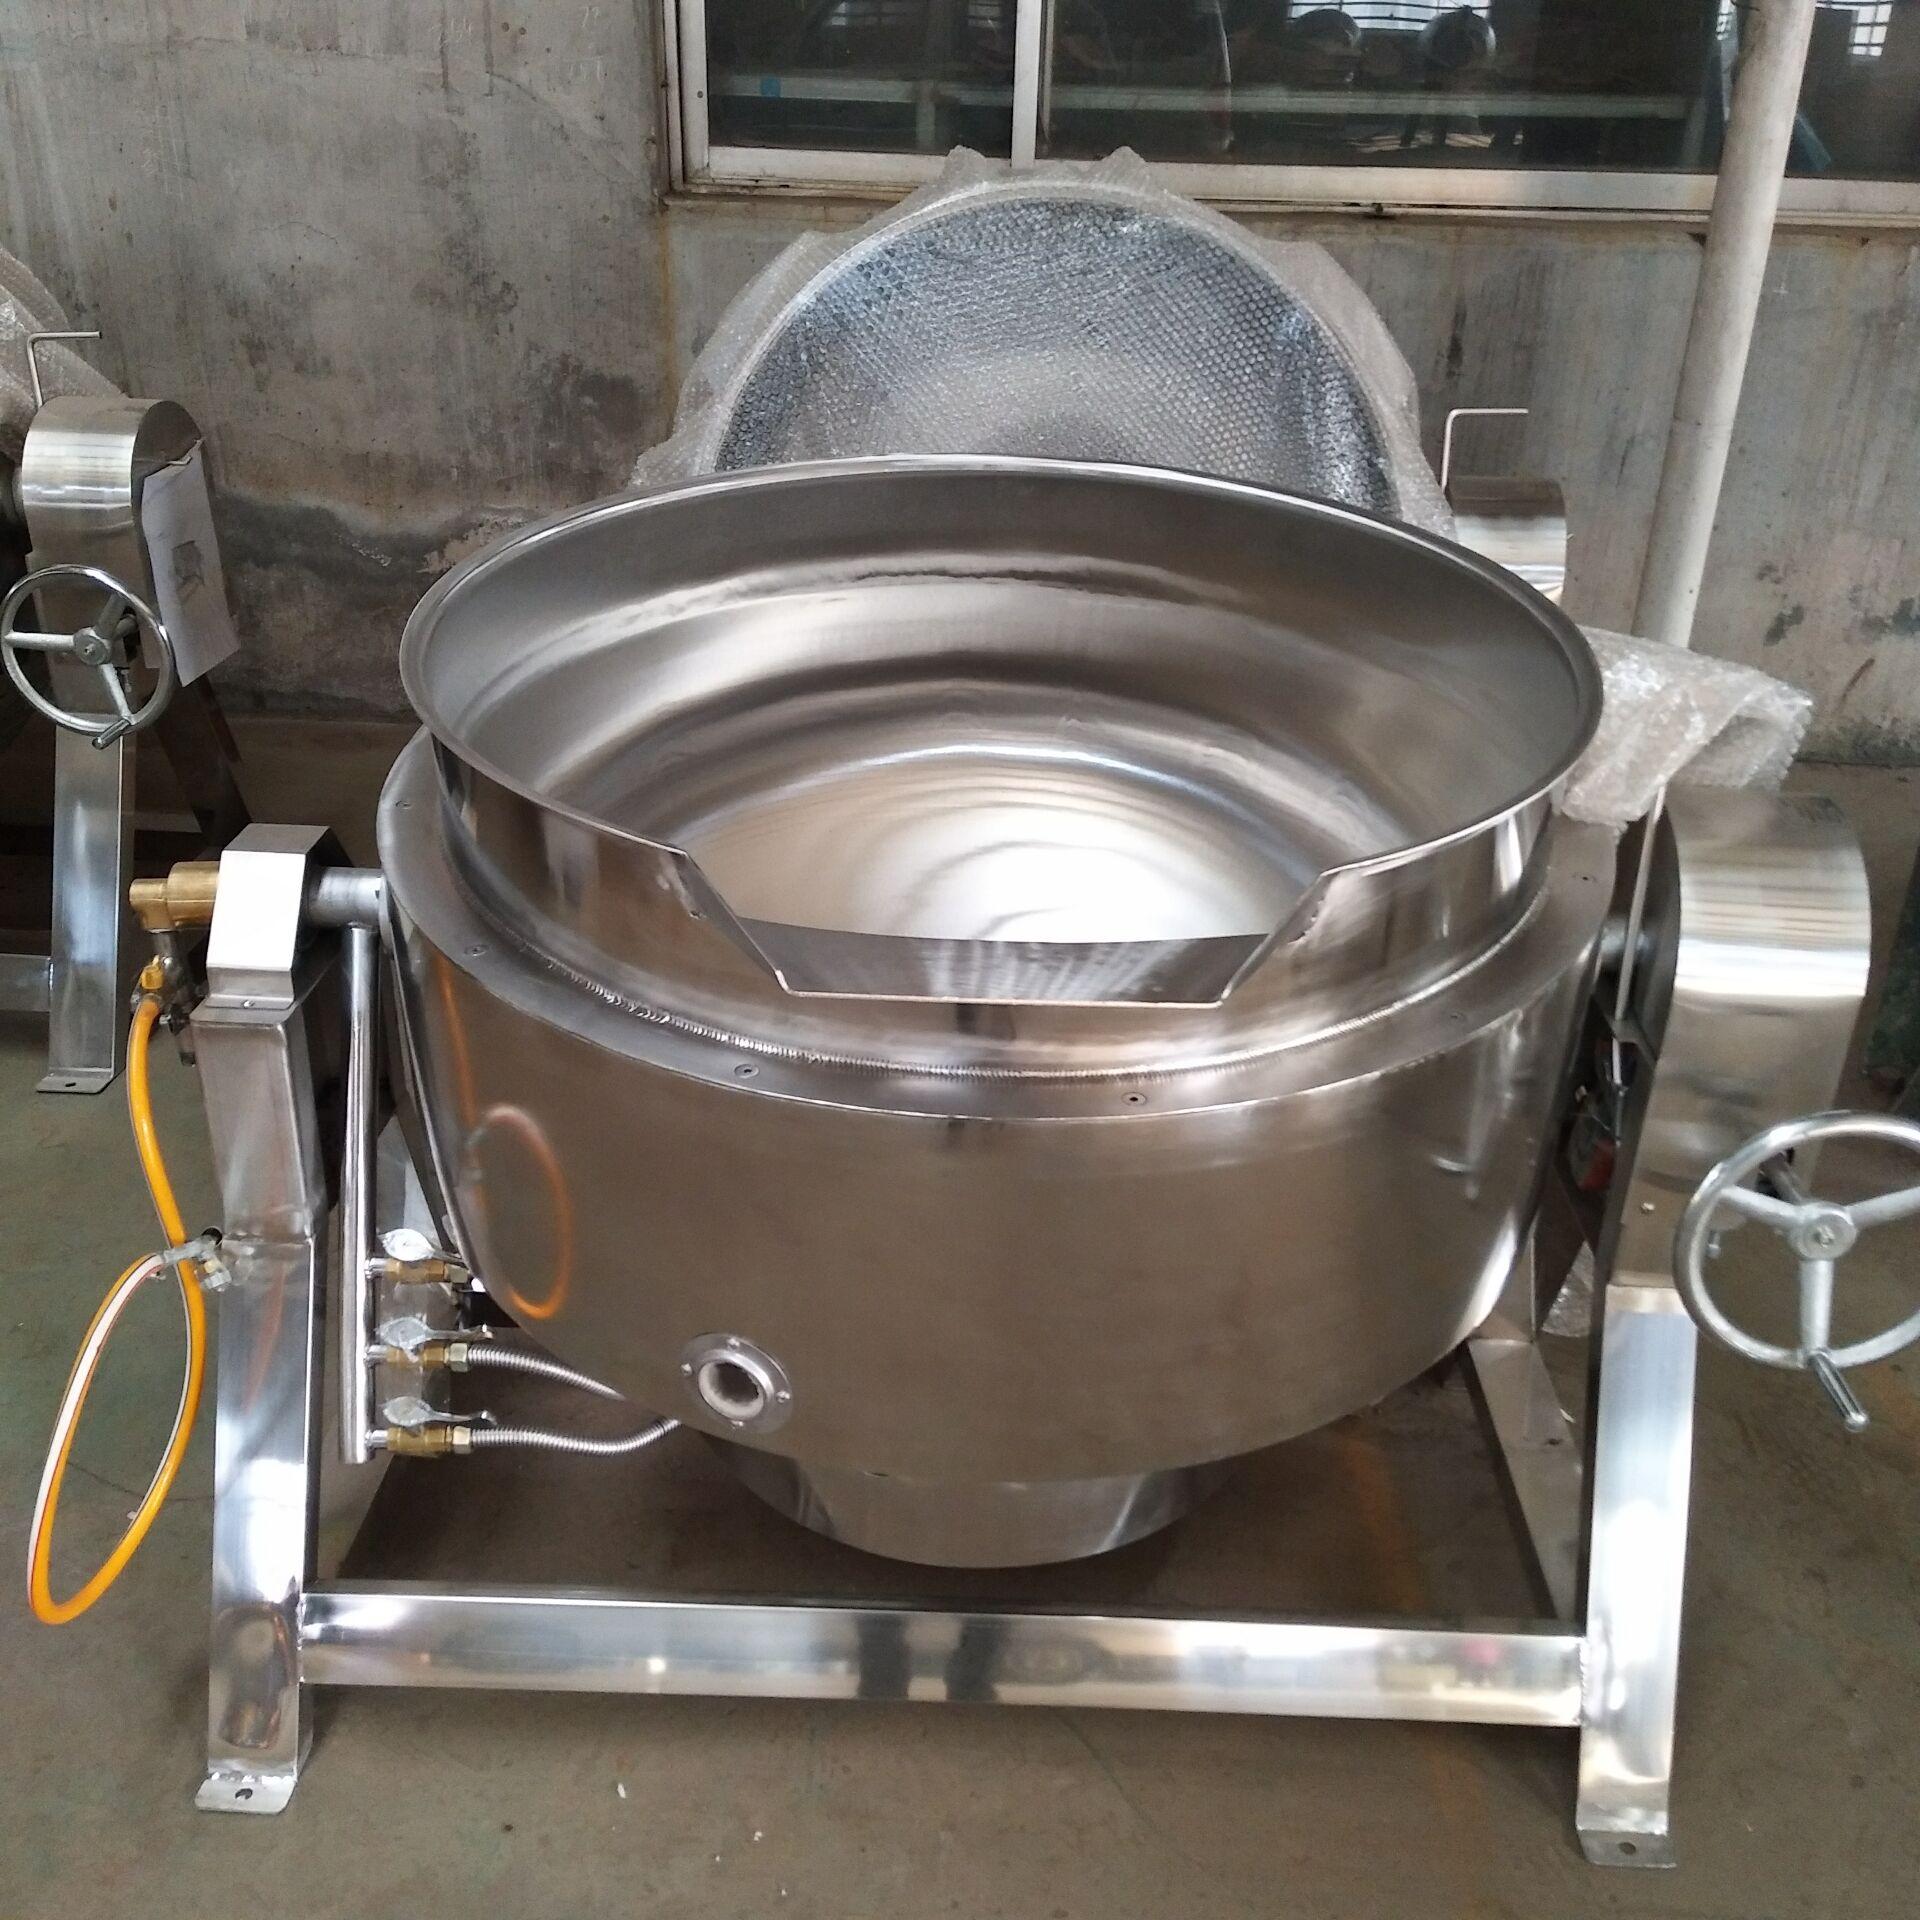 大型炖肉煮肉锅格分类 1、容积:50L、100L、200L、300L、400L、500L、600L、800L、1000L。 2、结构形式:分可倾式、立式结构,燃气夹层锅按工艺需要采用带搅拌与不带搅拌。 3、锅体材质:内锅体不锈钢(SUS304),夹套、支架碳钢(Q235—B)外涂防锈漆;内外全不锈钢。 4、带搅拌装置锅体:夹层锅价格顶部中心搅拌,减速机输出轴与搅拌桨轴采用活套连接,方便拆装与清洗。 5、搅拌转速:36r/min(可以根据客户要求来选定一定的转速);搅拌桨形式:普通搅拌(锚式)